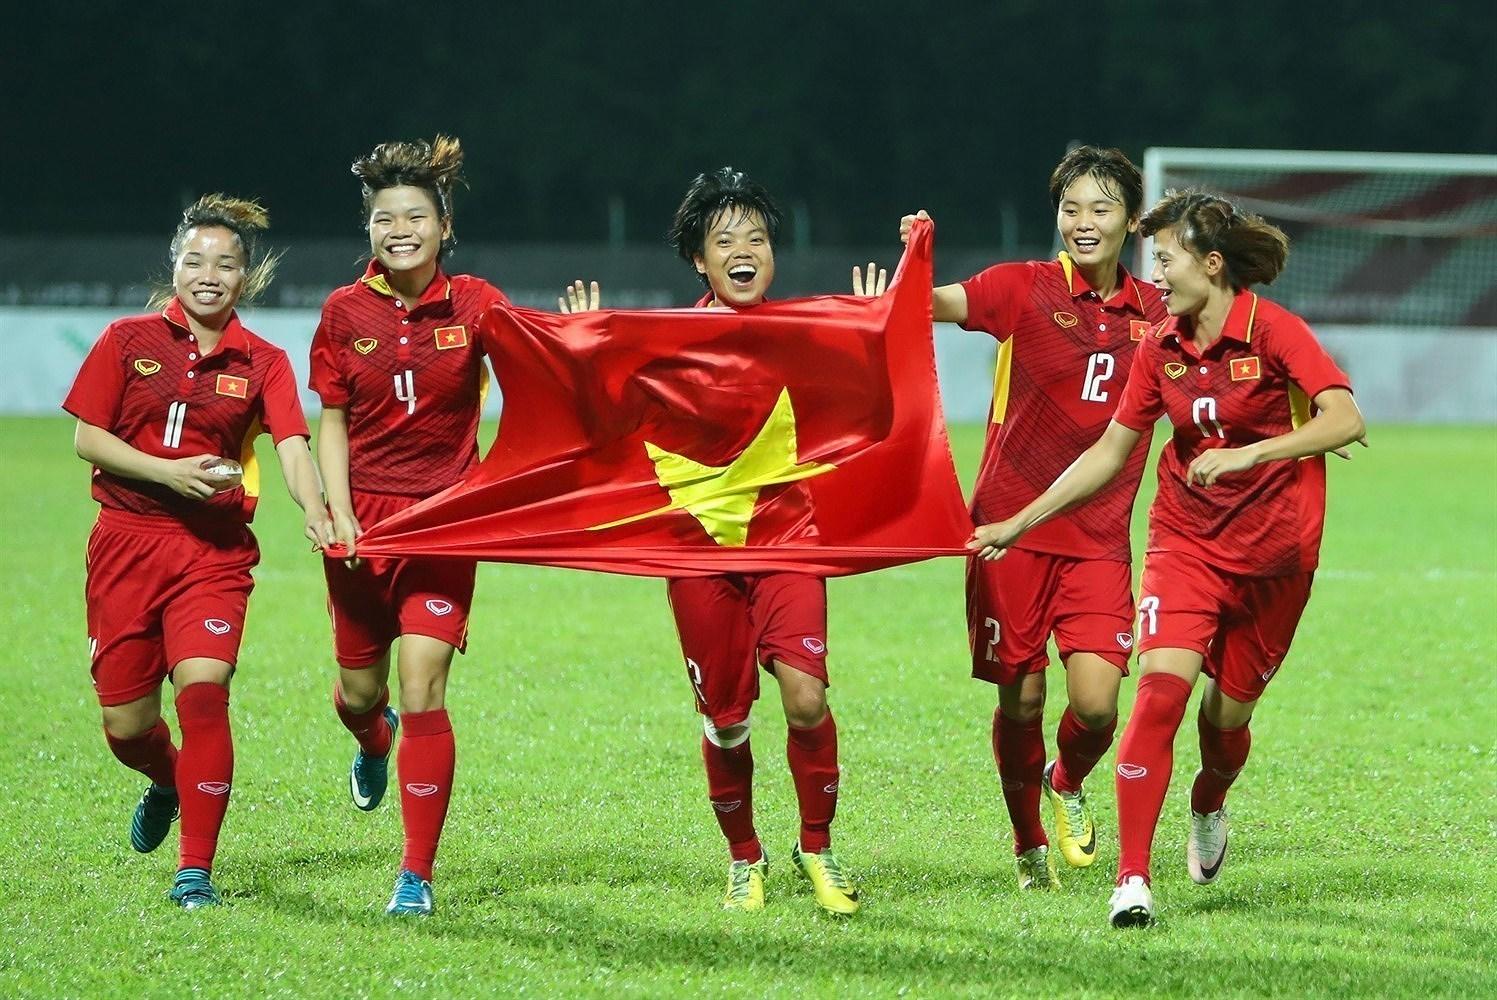 组图:越南体育70周年:为建设越南体育强国多作贡献的运动员 hinh anh 3